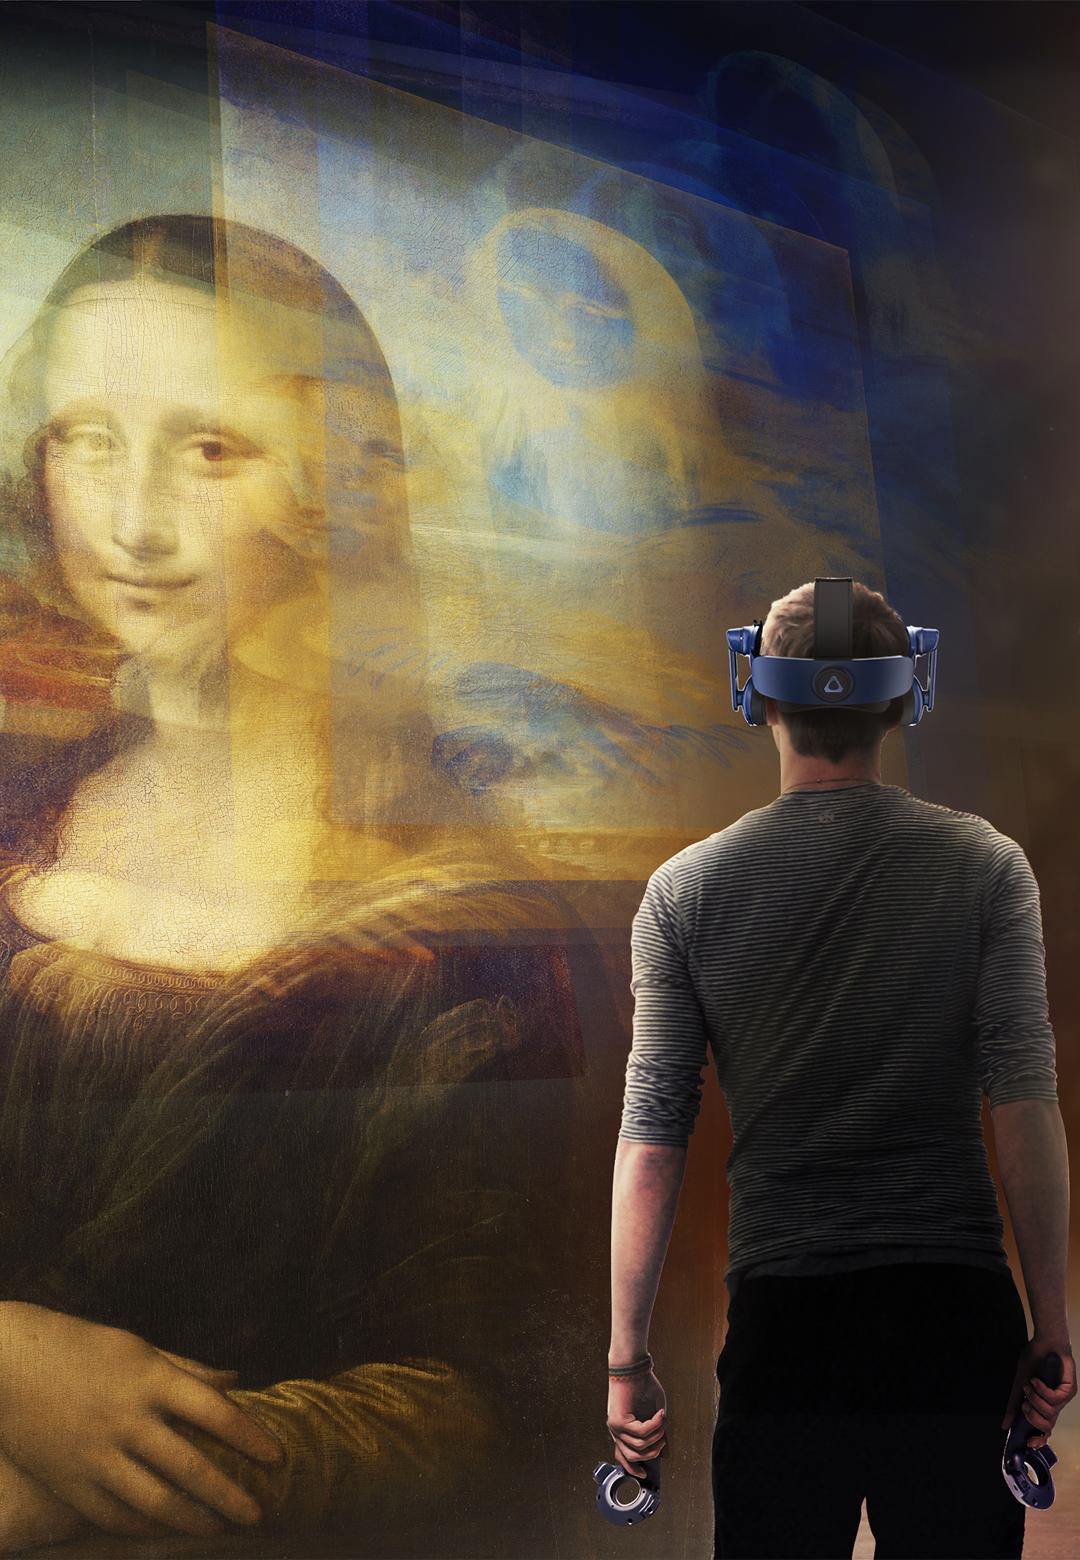 A still from Mona Lisa: Beyond the Glass | Leonardo da Vinci | Musée du Louvre | STIRworld